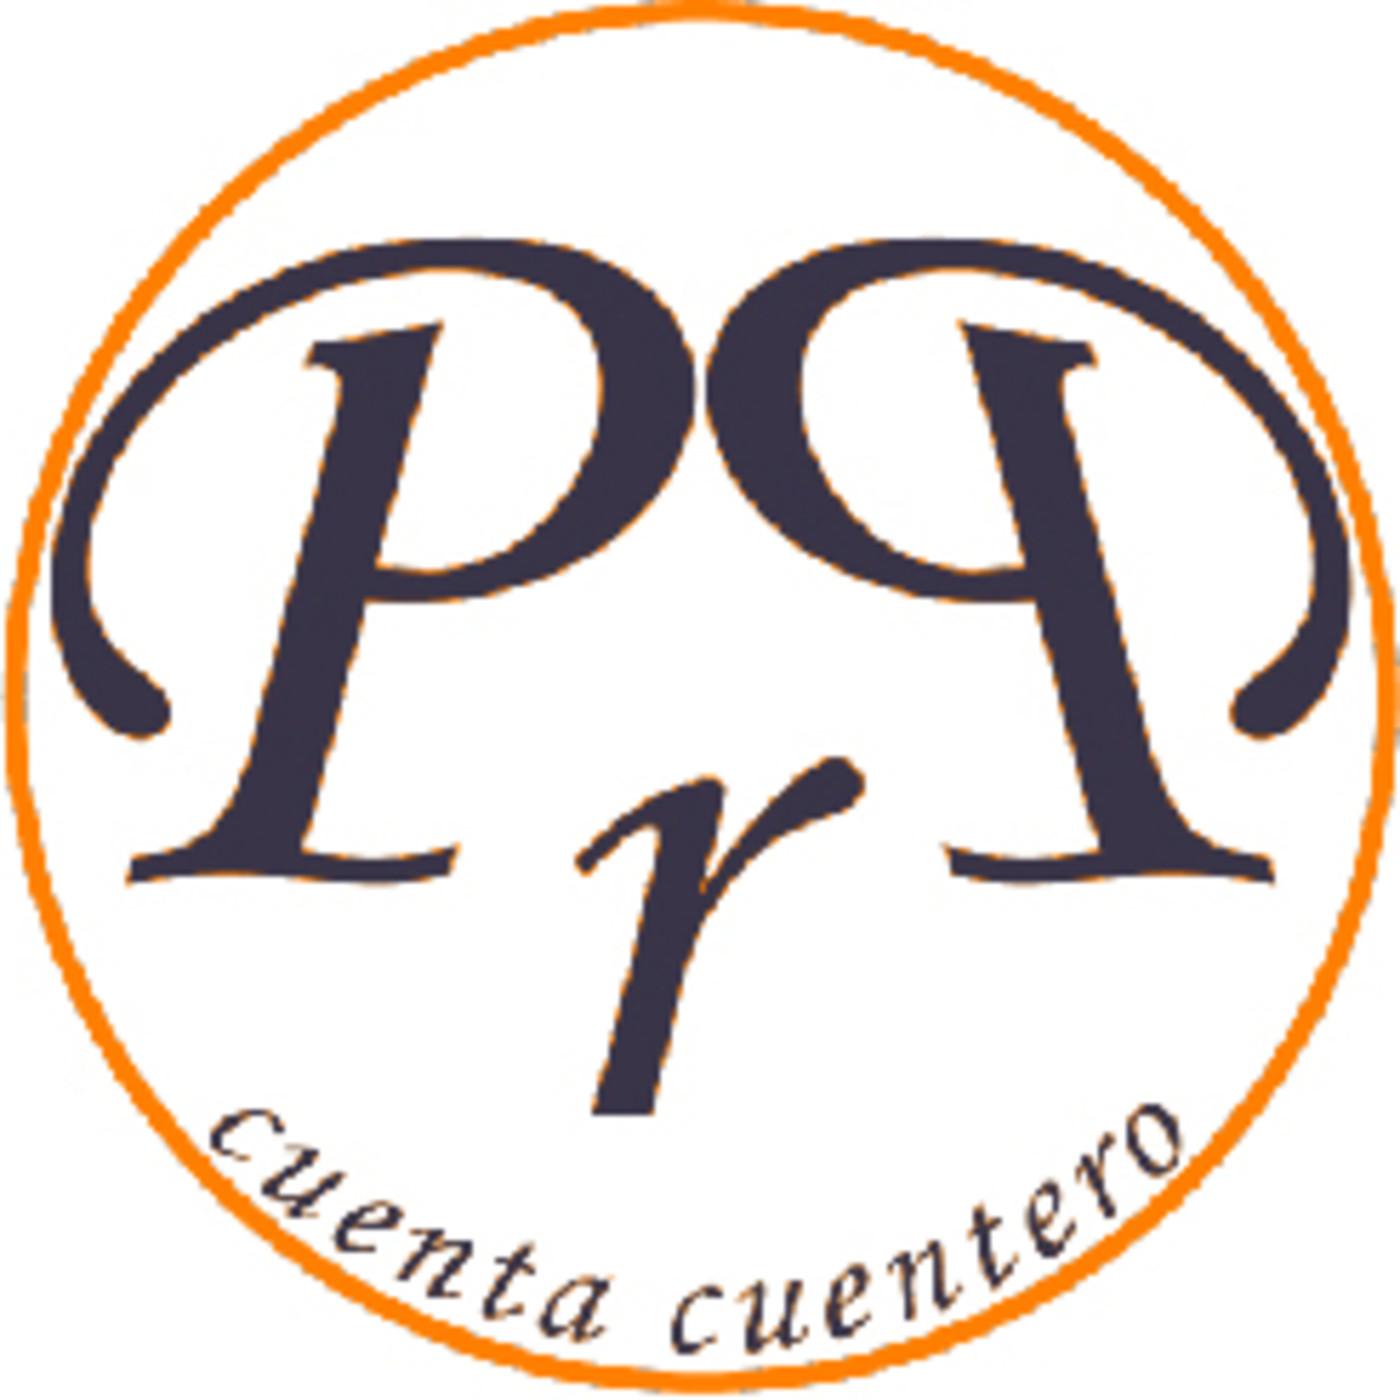 PrP Cuenta cuentero